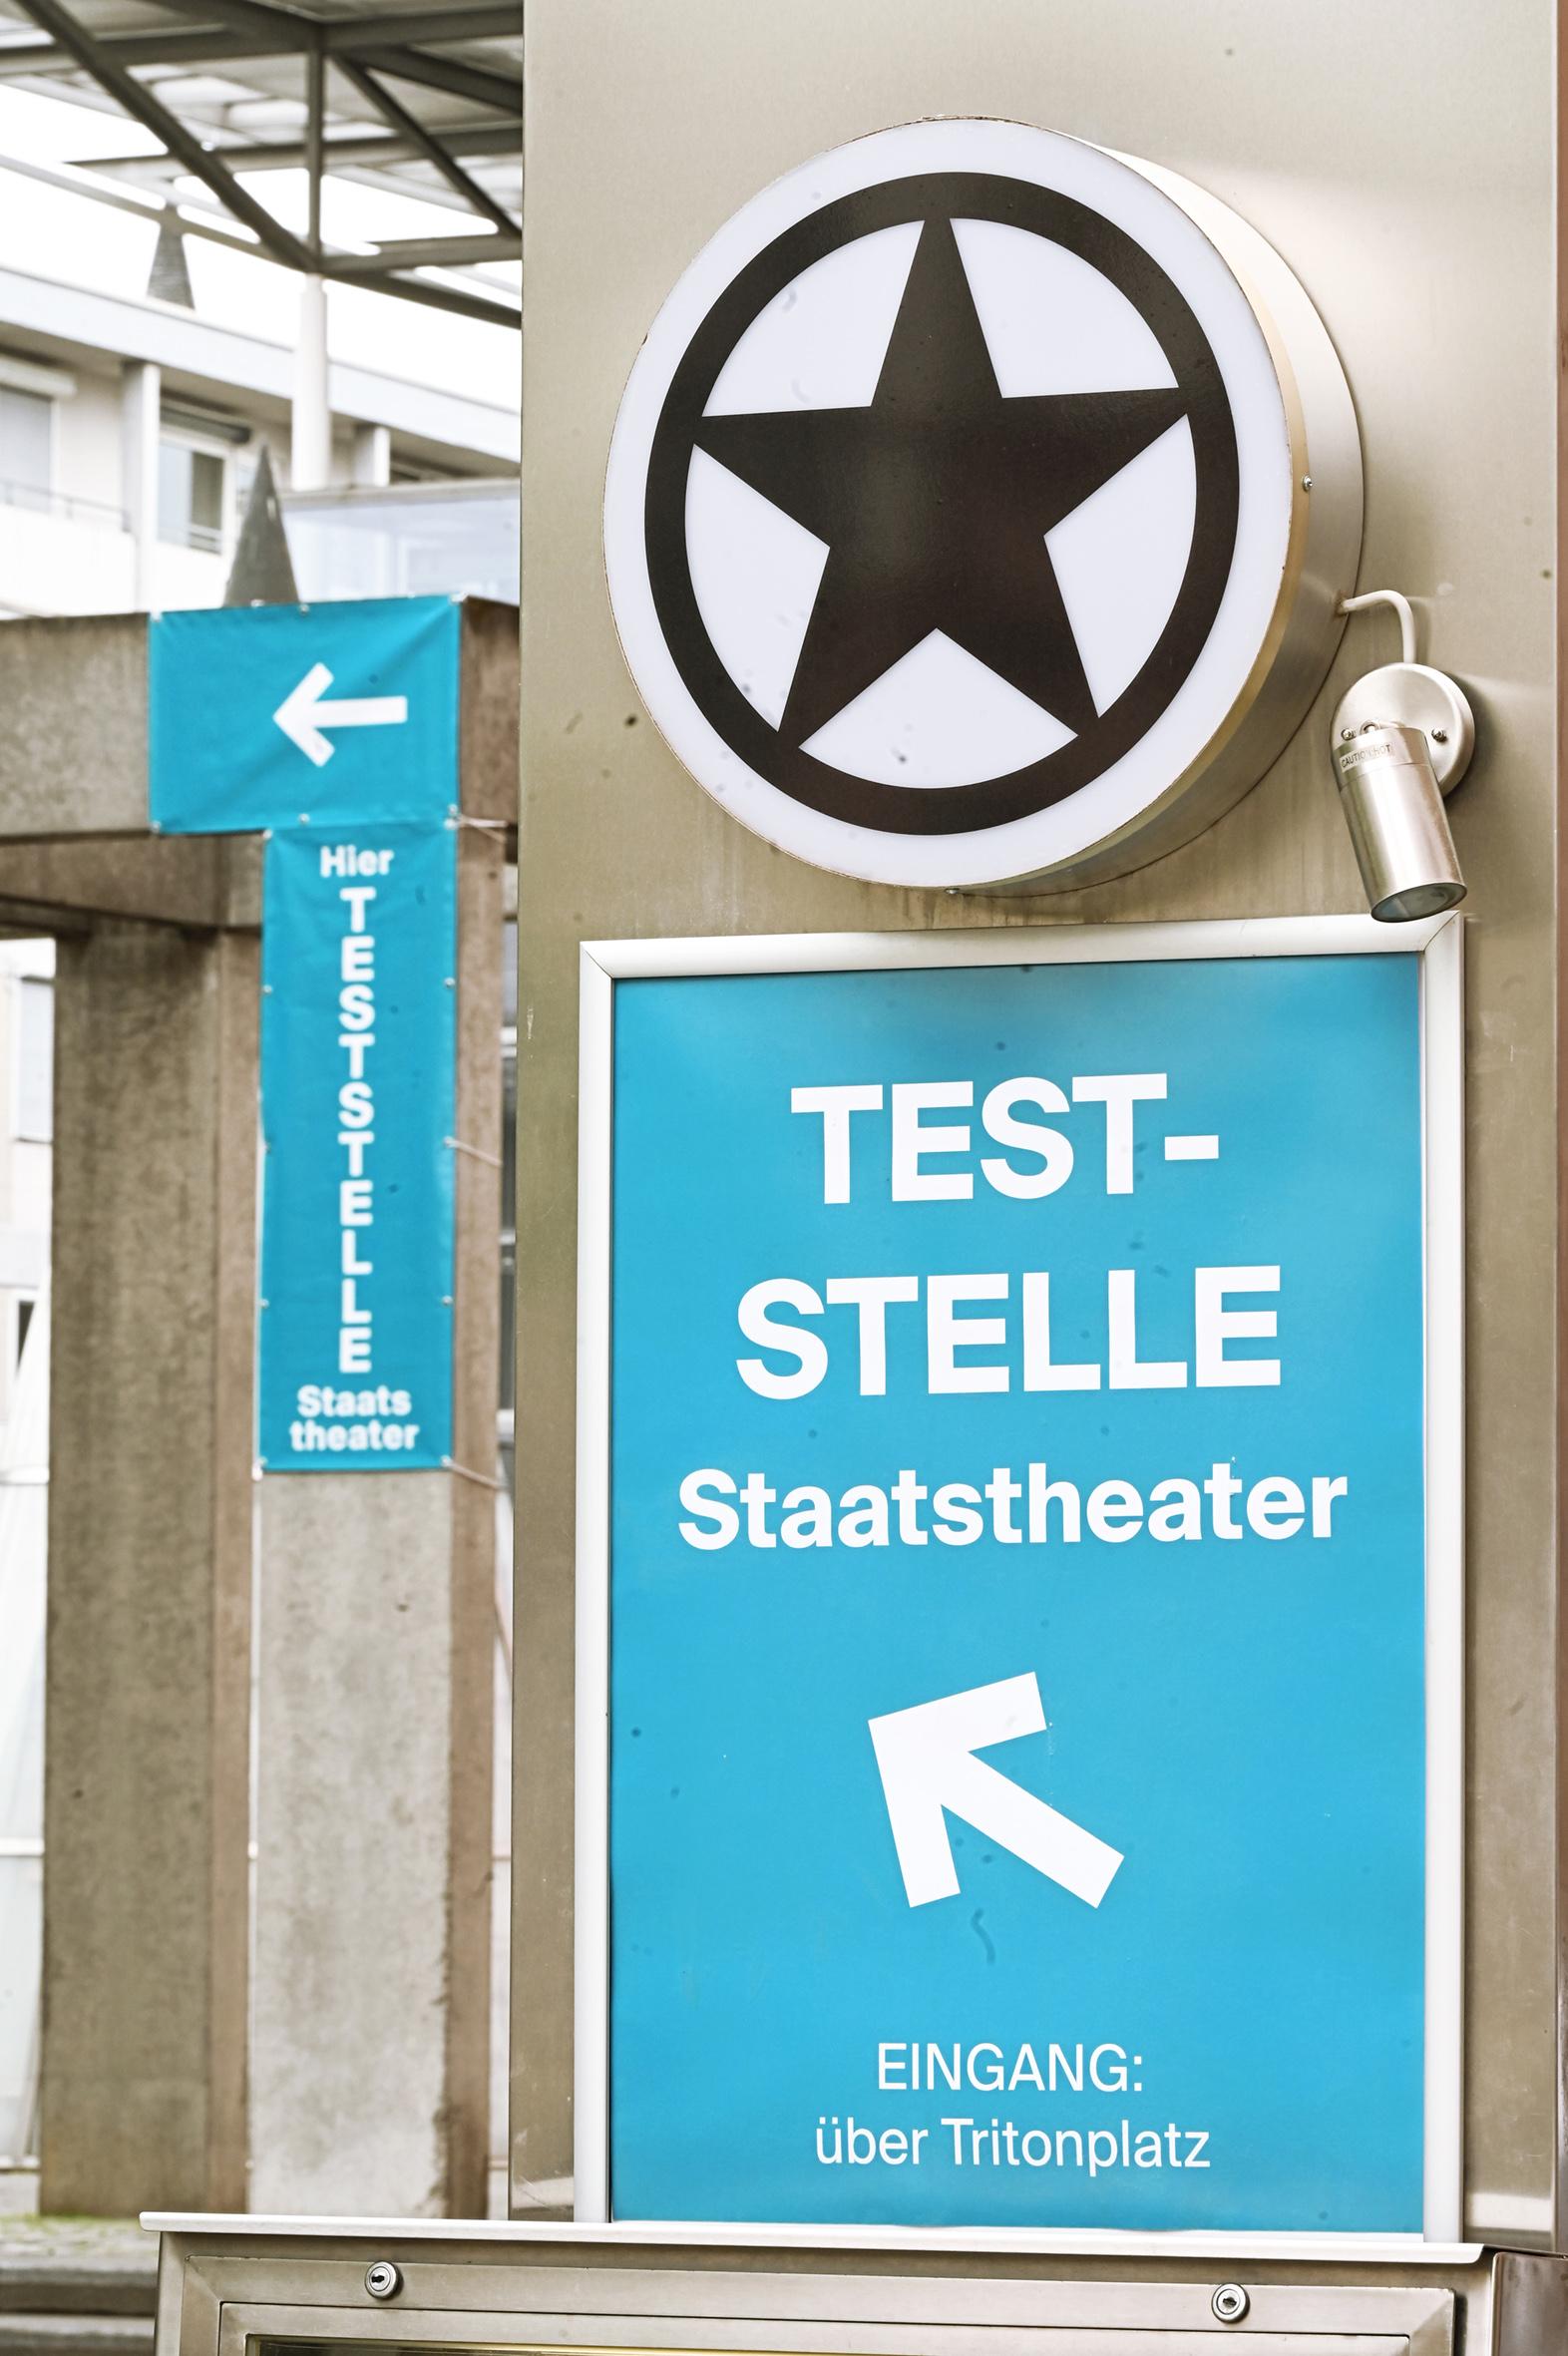 Teststelle Staatstheater_5_c_Andreas Etter